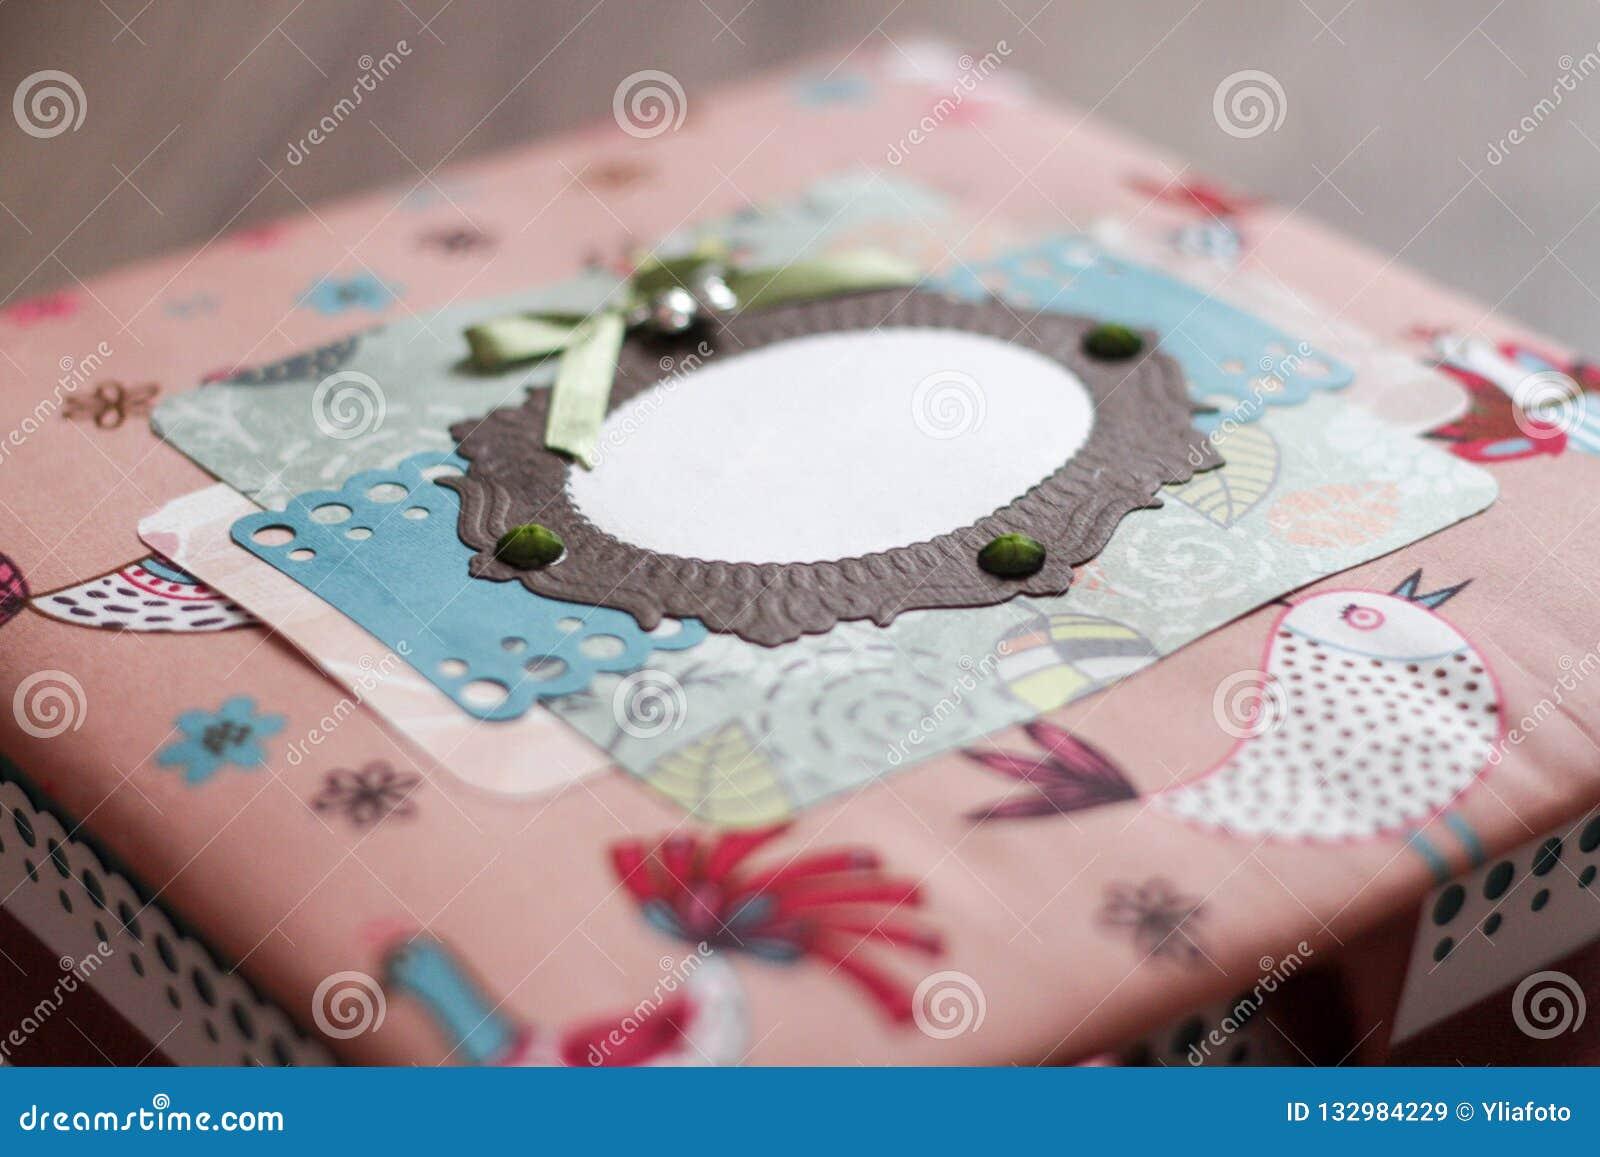 Ζωηρόχρωμη κασετίνα χειροποίητη Ύφασμα πολύχρωμο